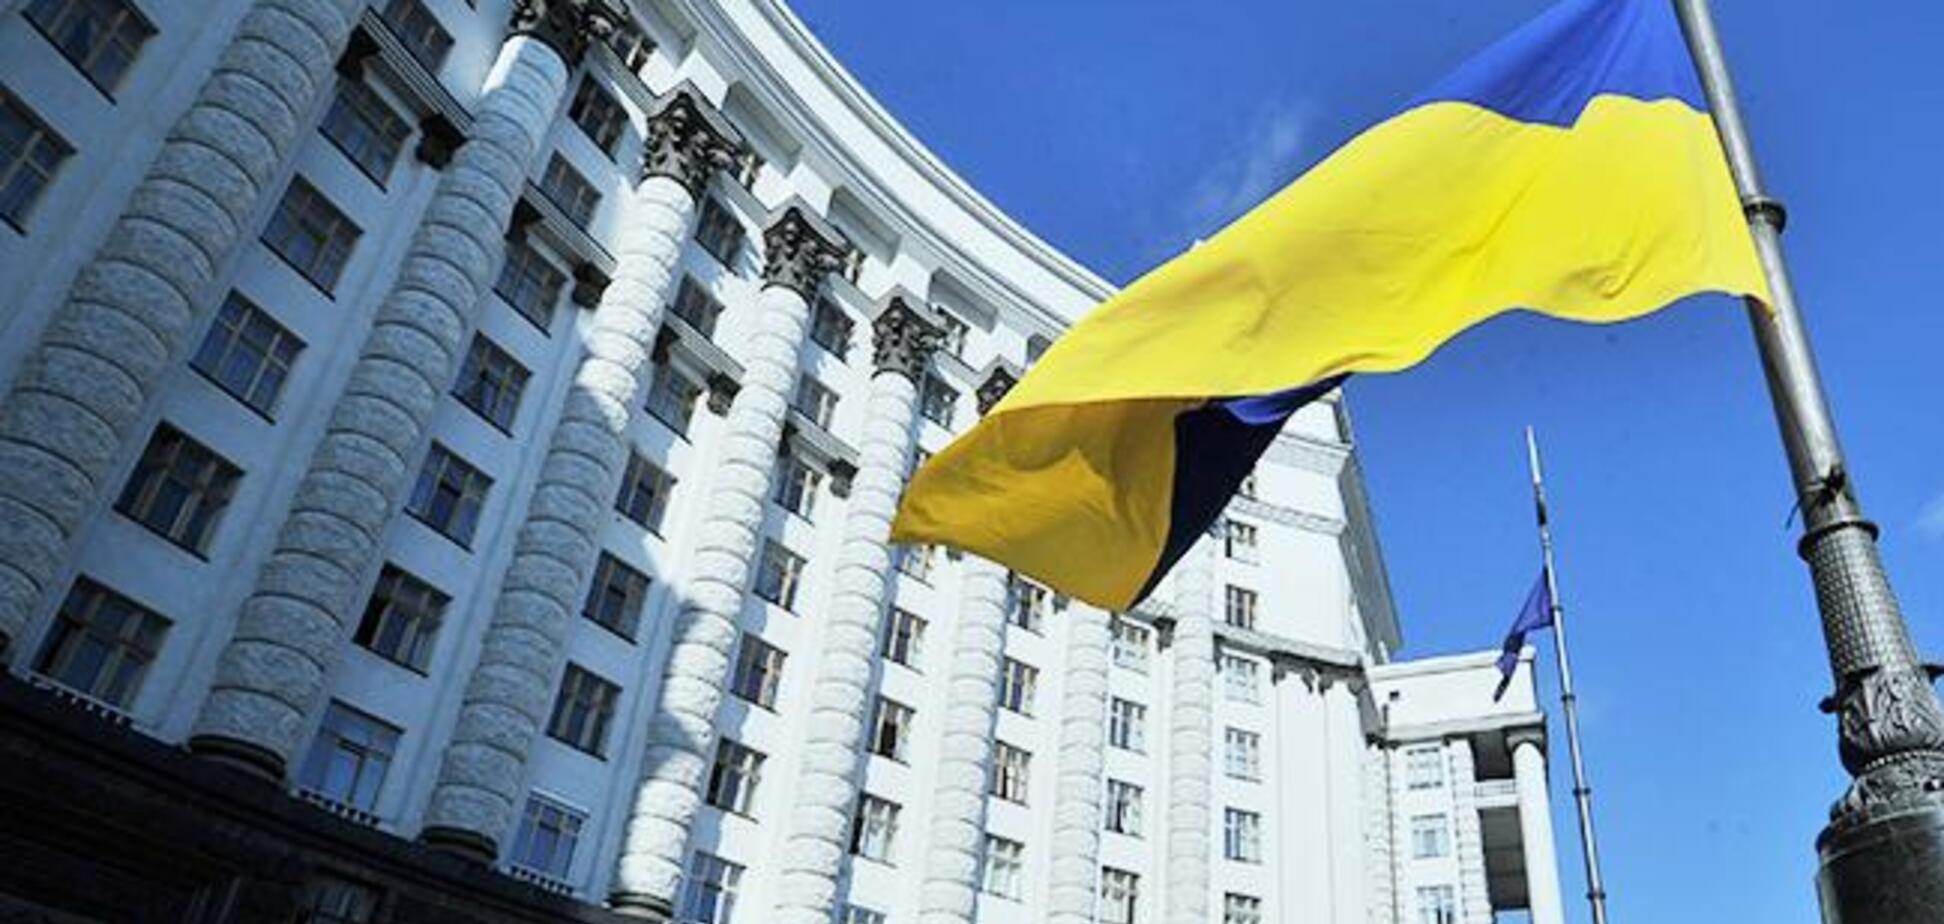 Запропонують Зеленському: в Києві знайшли, куди перенести урядовий квартал